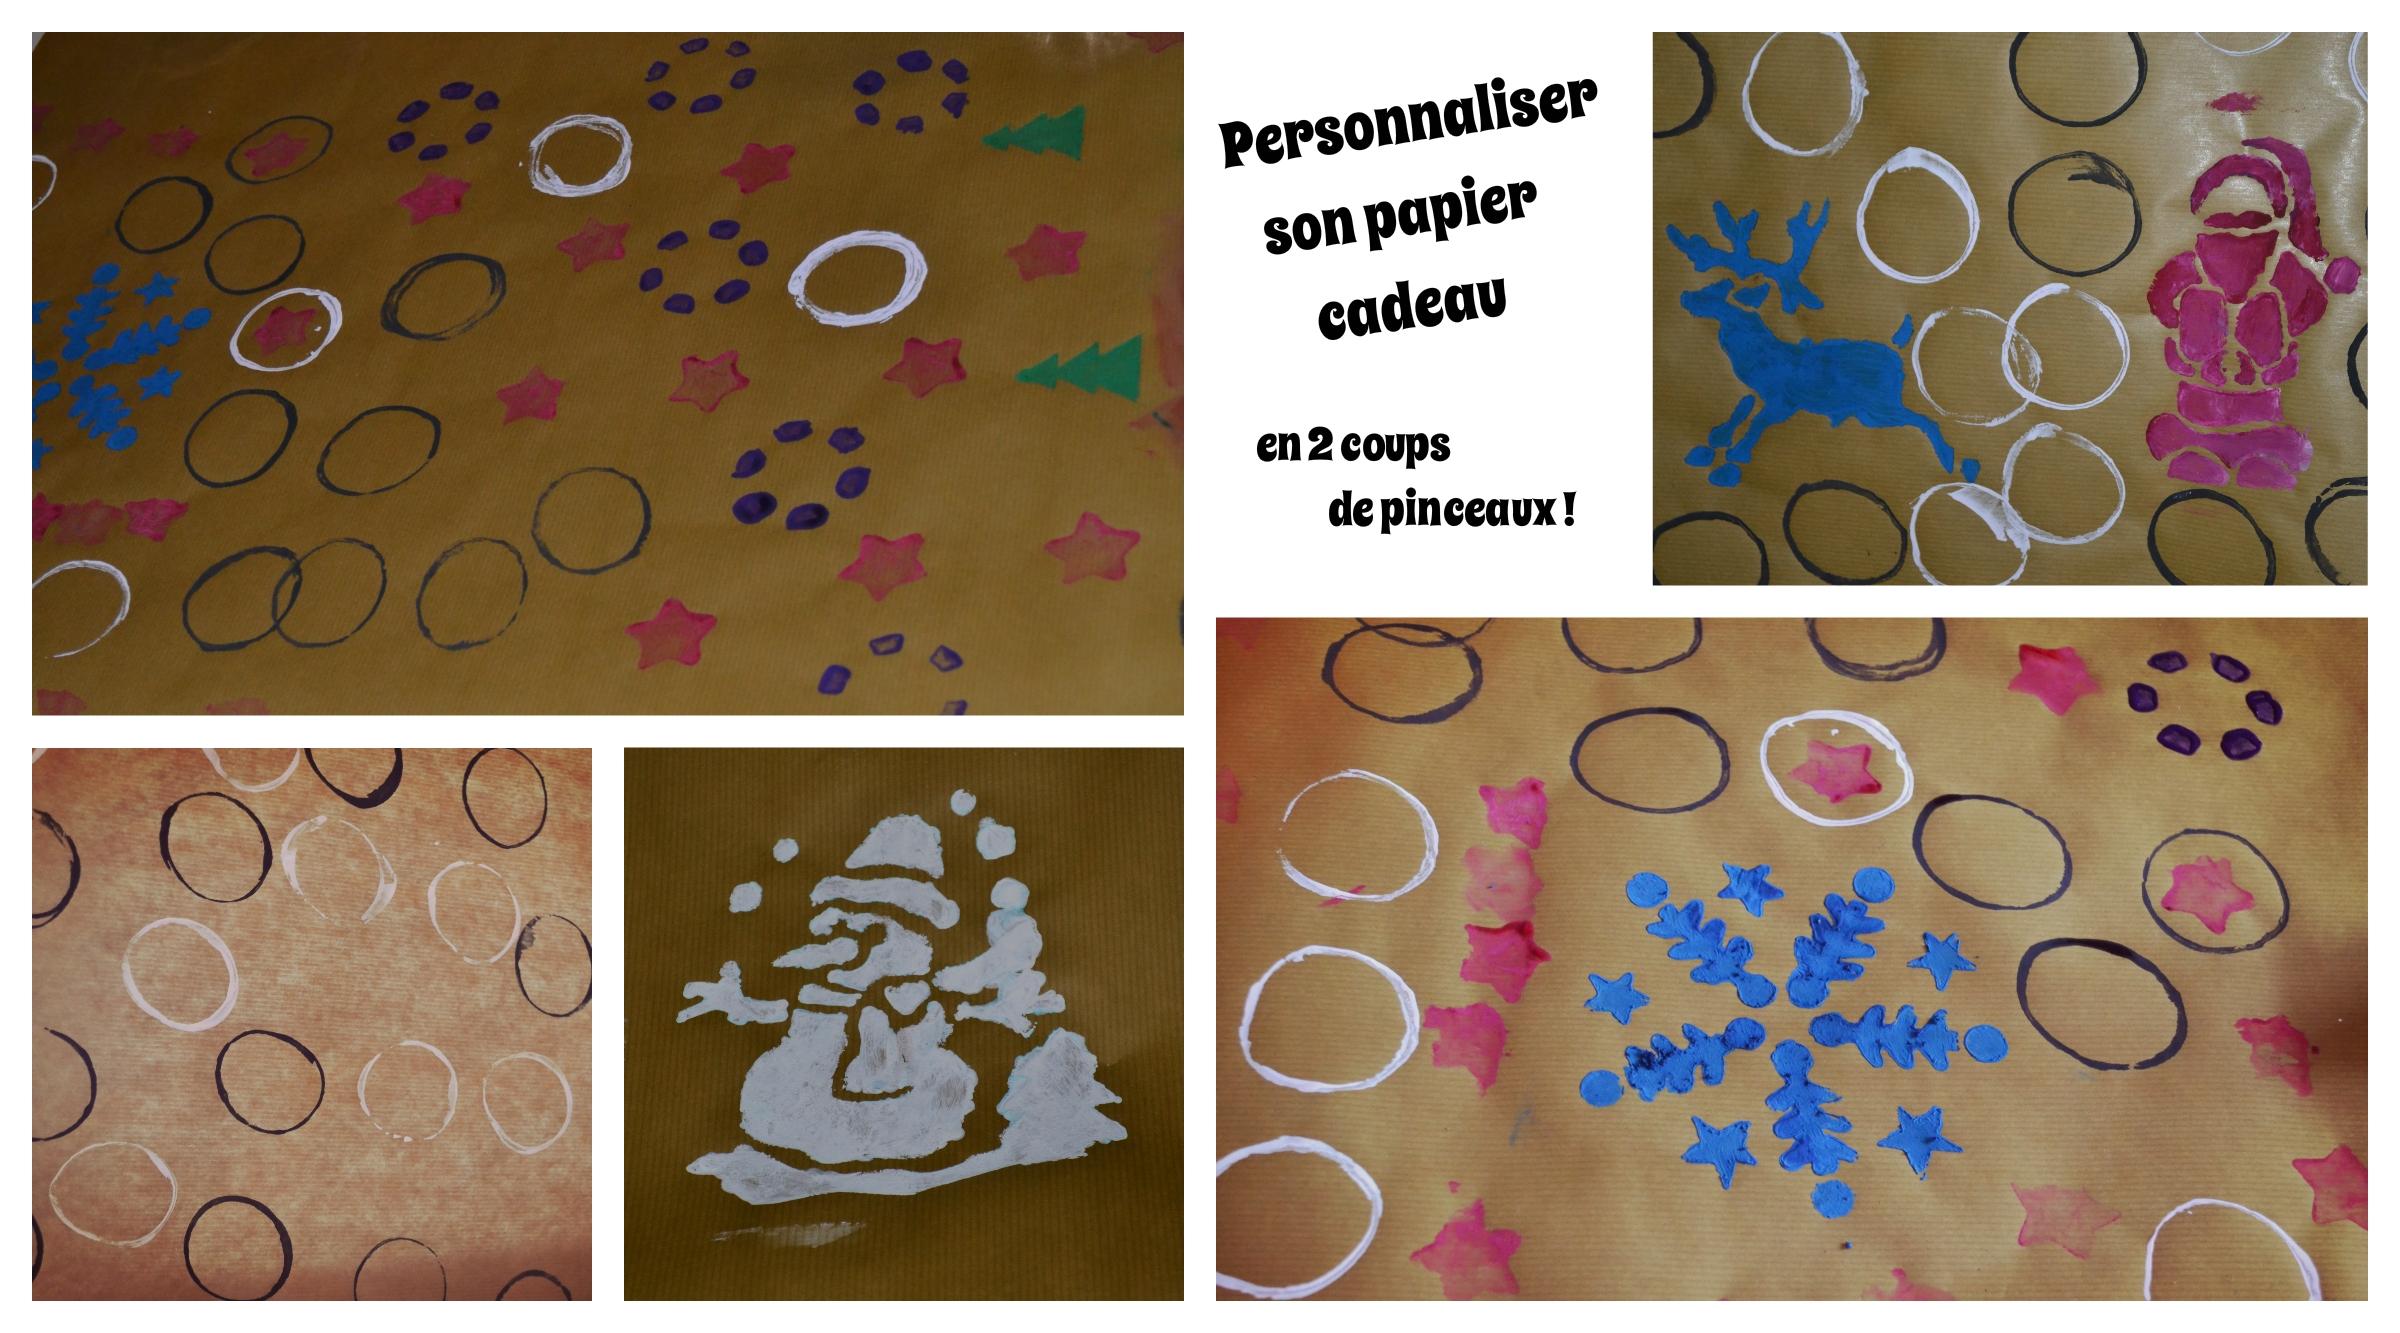 DIY Noël : personnaliser son papier cadeau